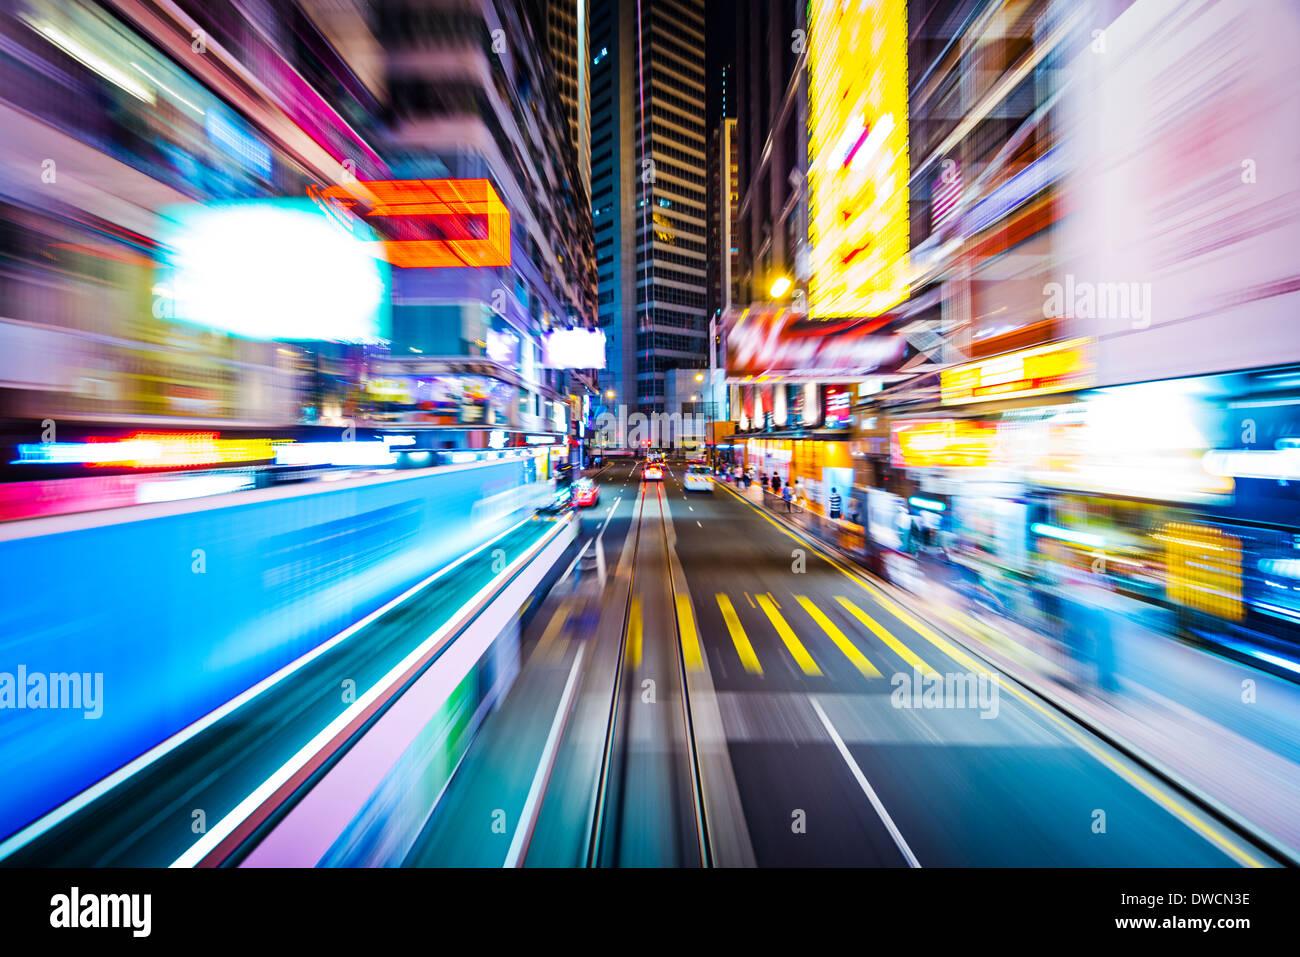 Hong Kong e la Cina la sfocatura in movimento attraverso la città da un tram. Immagini Stock